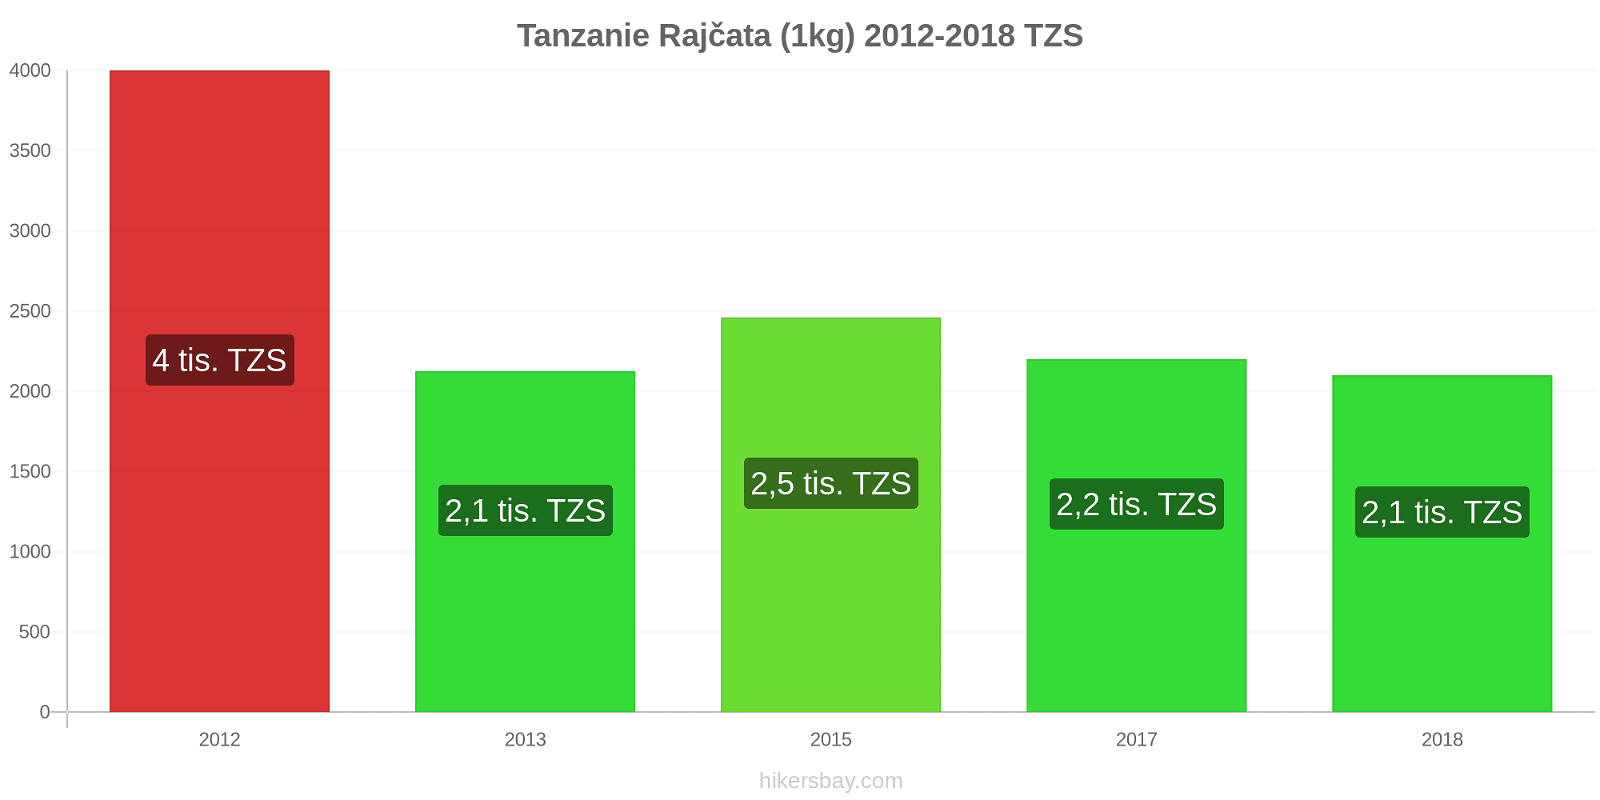 Tanzanie změny cen Rajčata (1kg) hikersbay.com